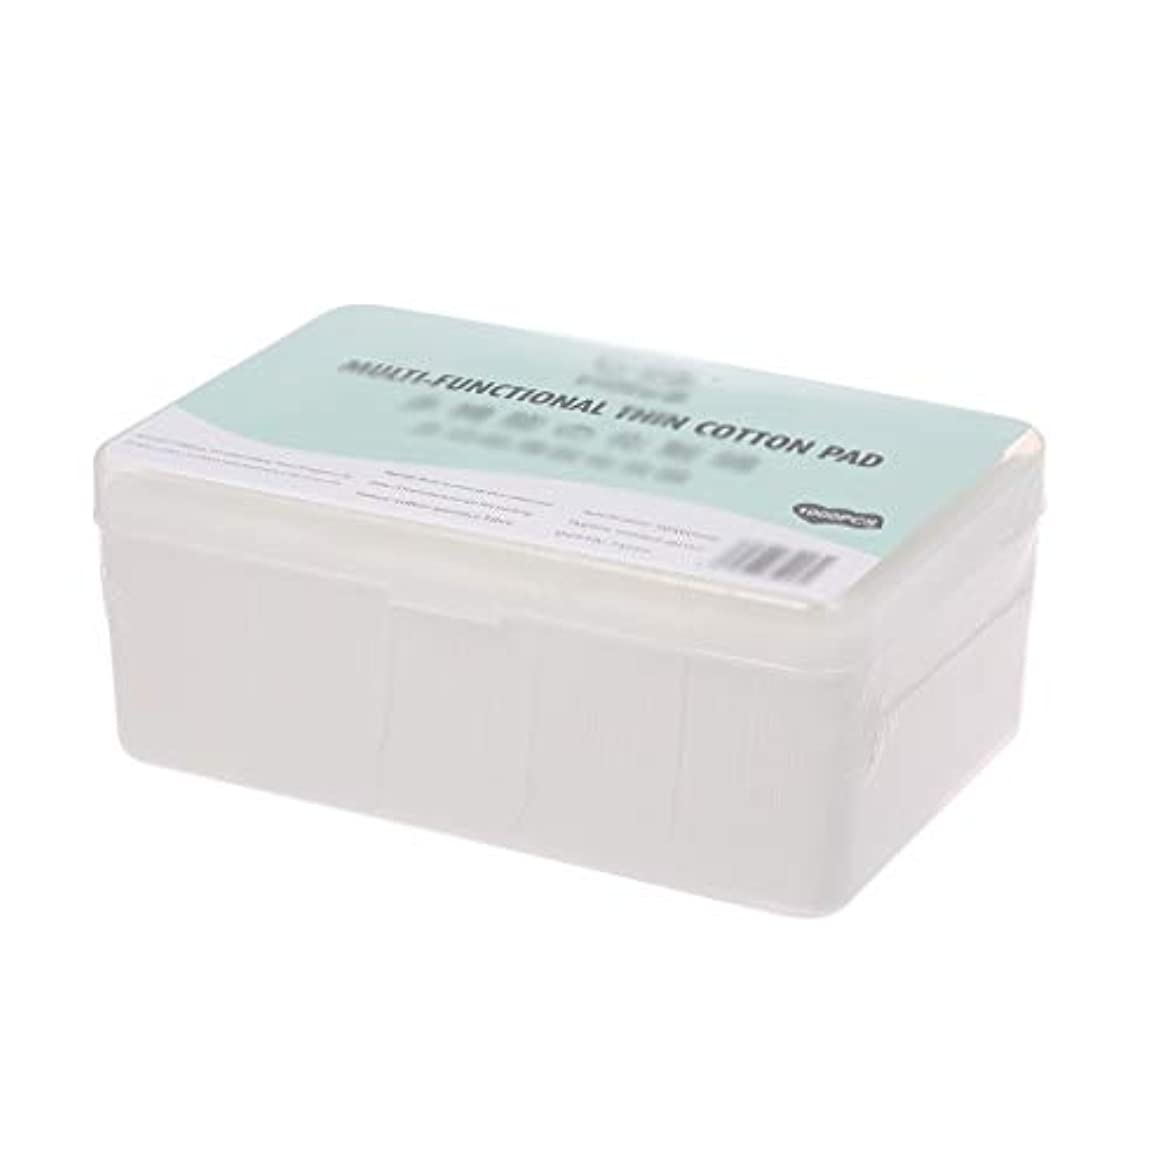 先駆者ボンド吸収クレンジングシート 1000ピース箱入り使い捨て超薄型コットンメイク落としネイルポリッシュリムーバークレンジングティッシュペーパーペーパー (Color : White, サイズ : 5*6cm)